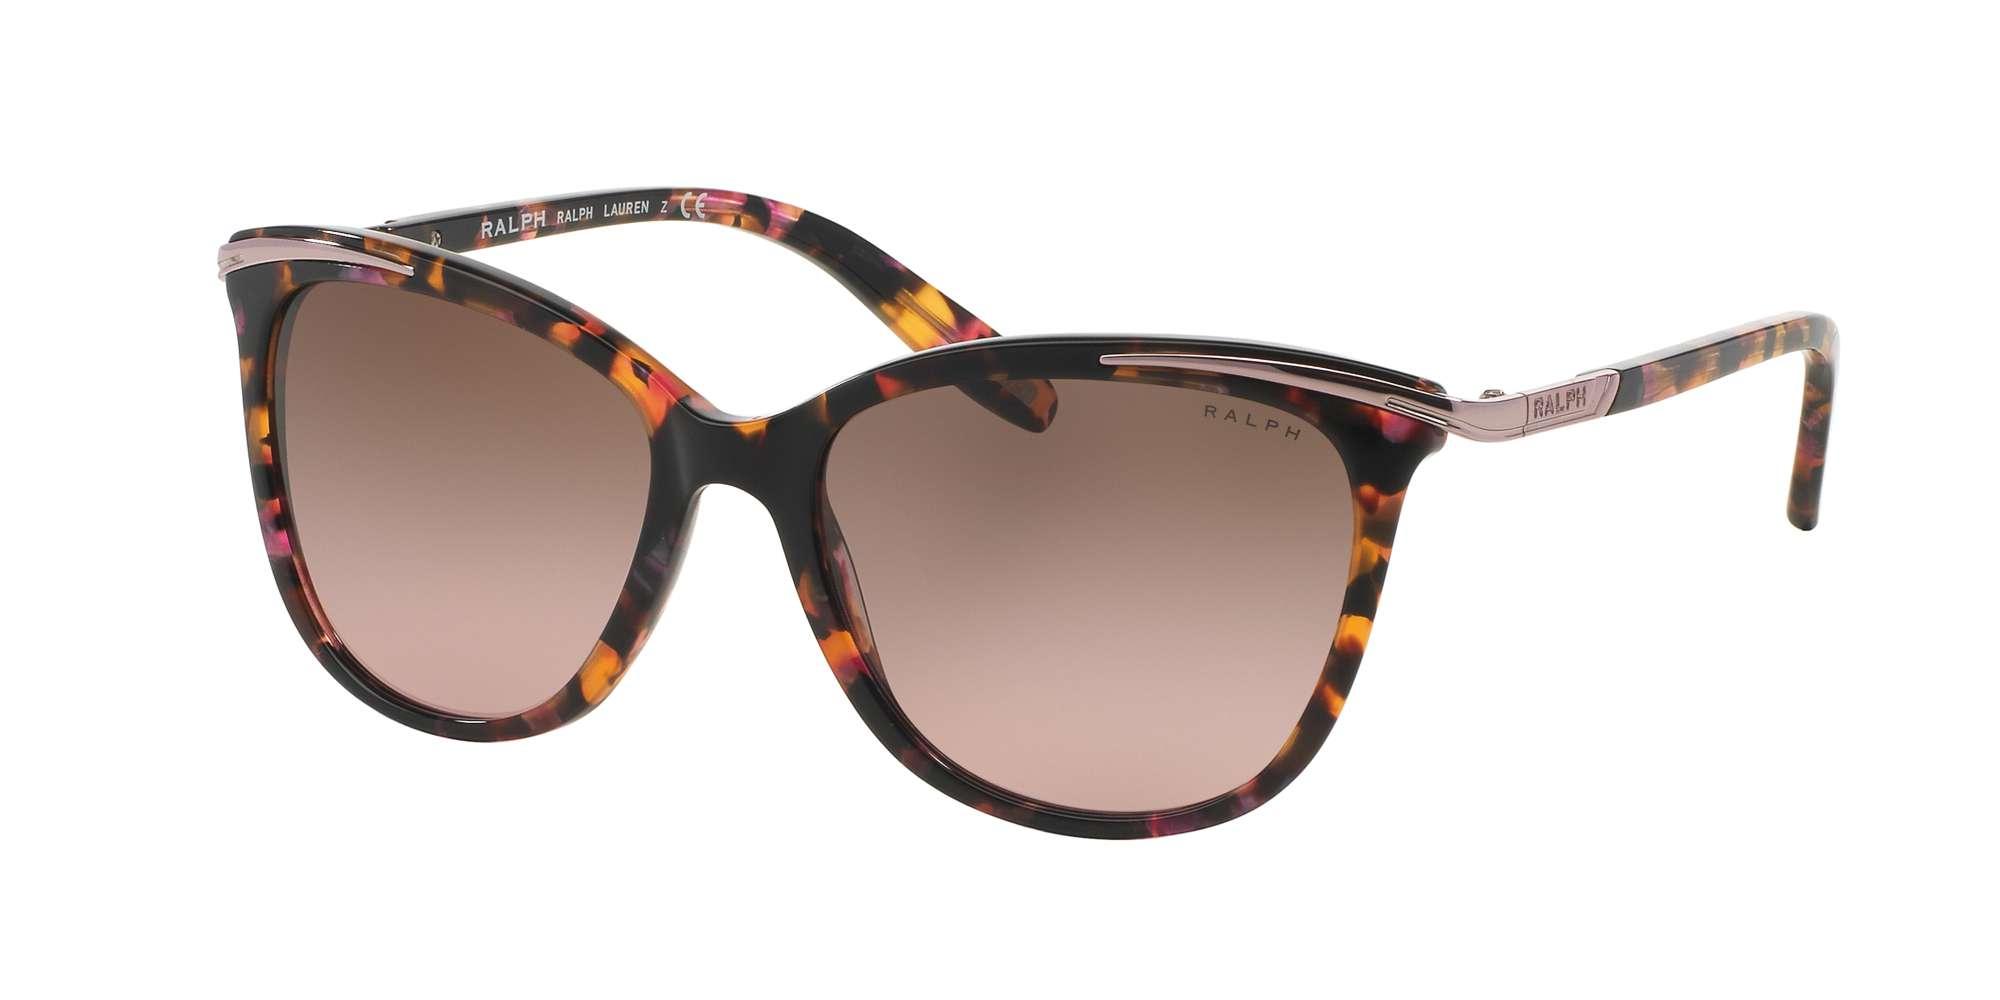 PINK MARBLE / BROWN ROSE GRADIENT lenses